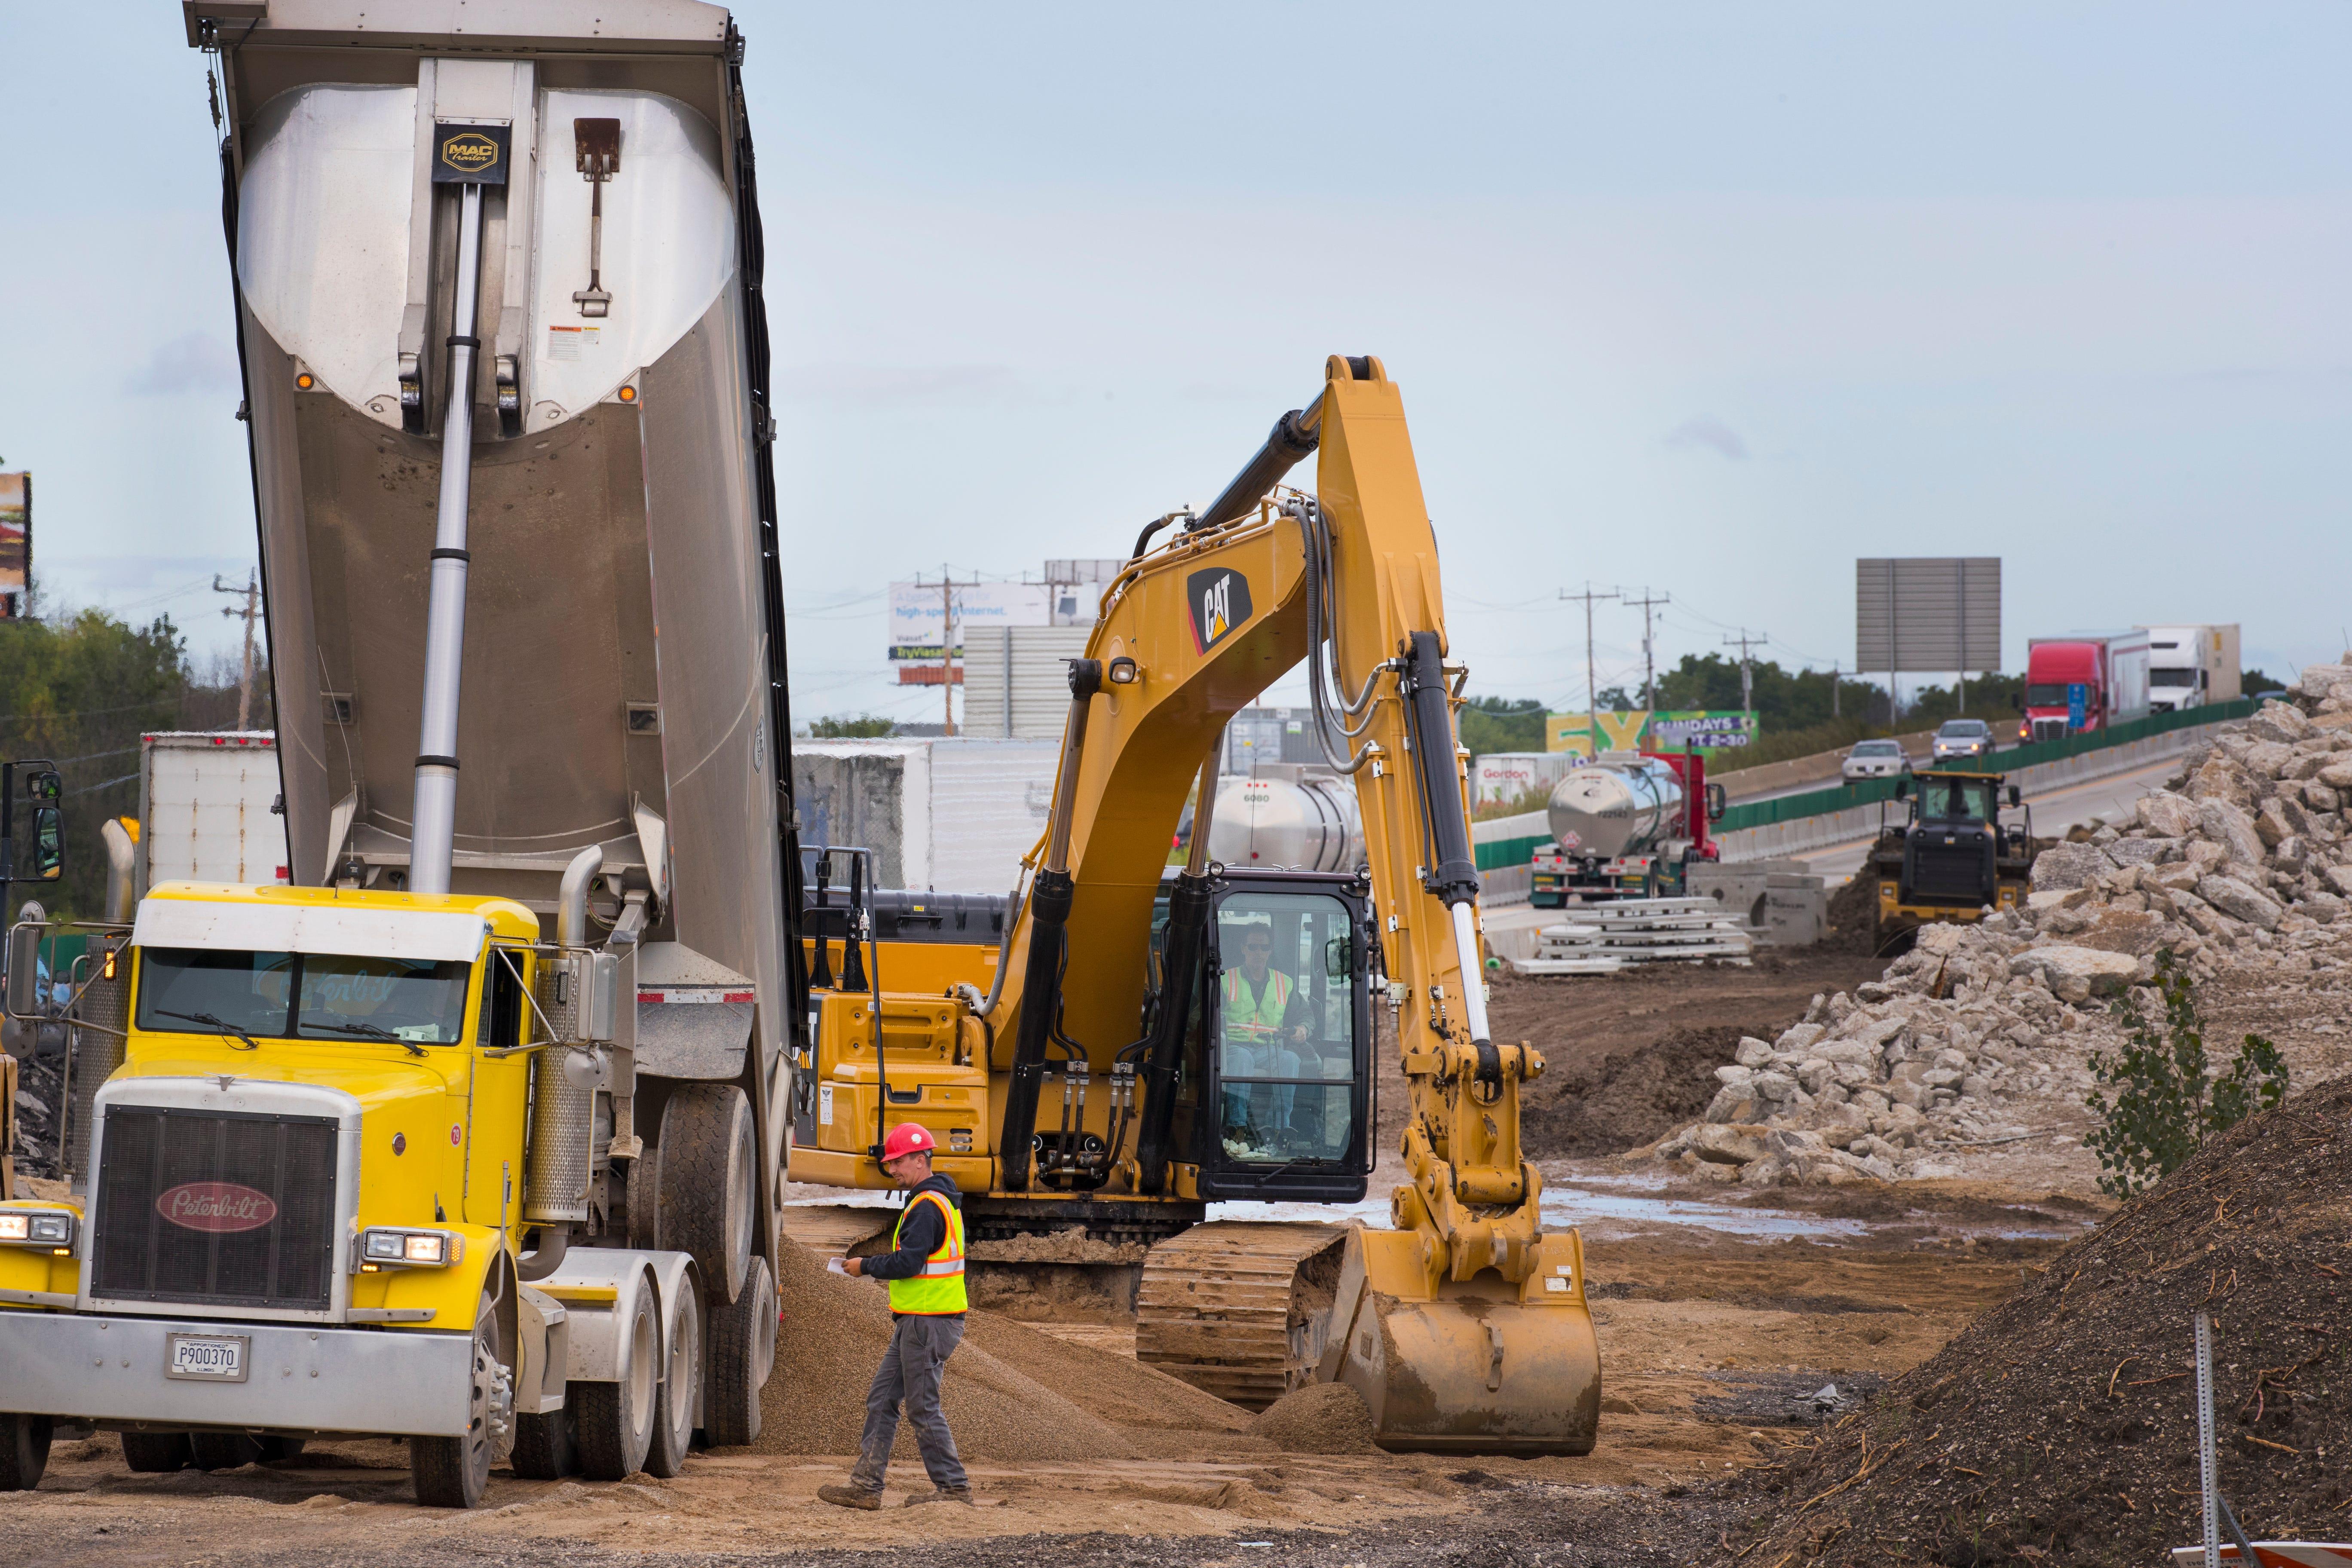 Scott Walker top aide talks to London financier about selling Wisconsin roads, rejects idea | Milwaukee Journal Sentinel